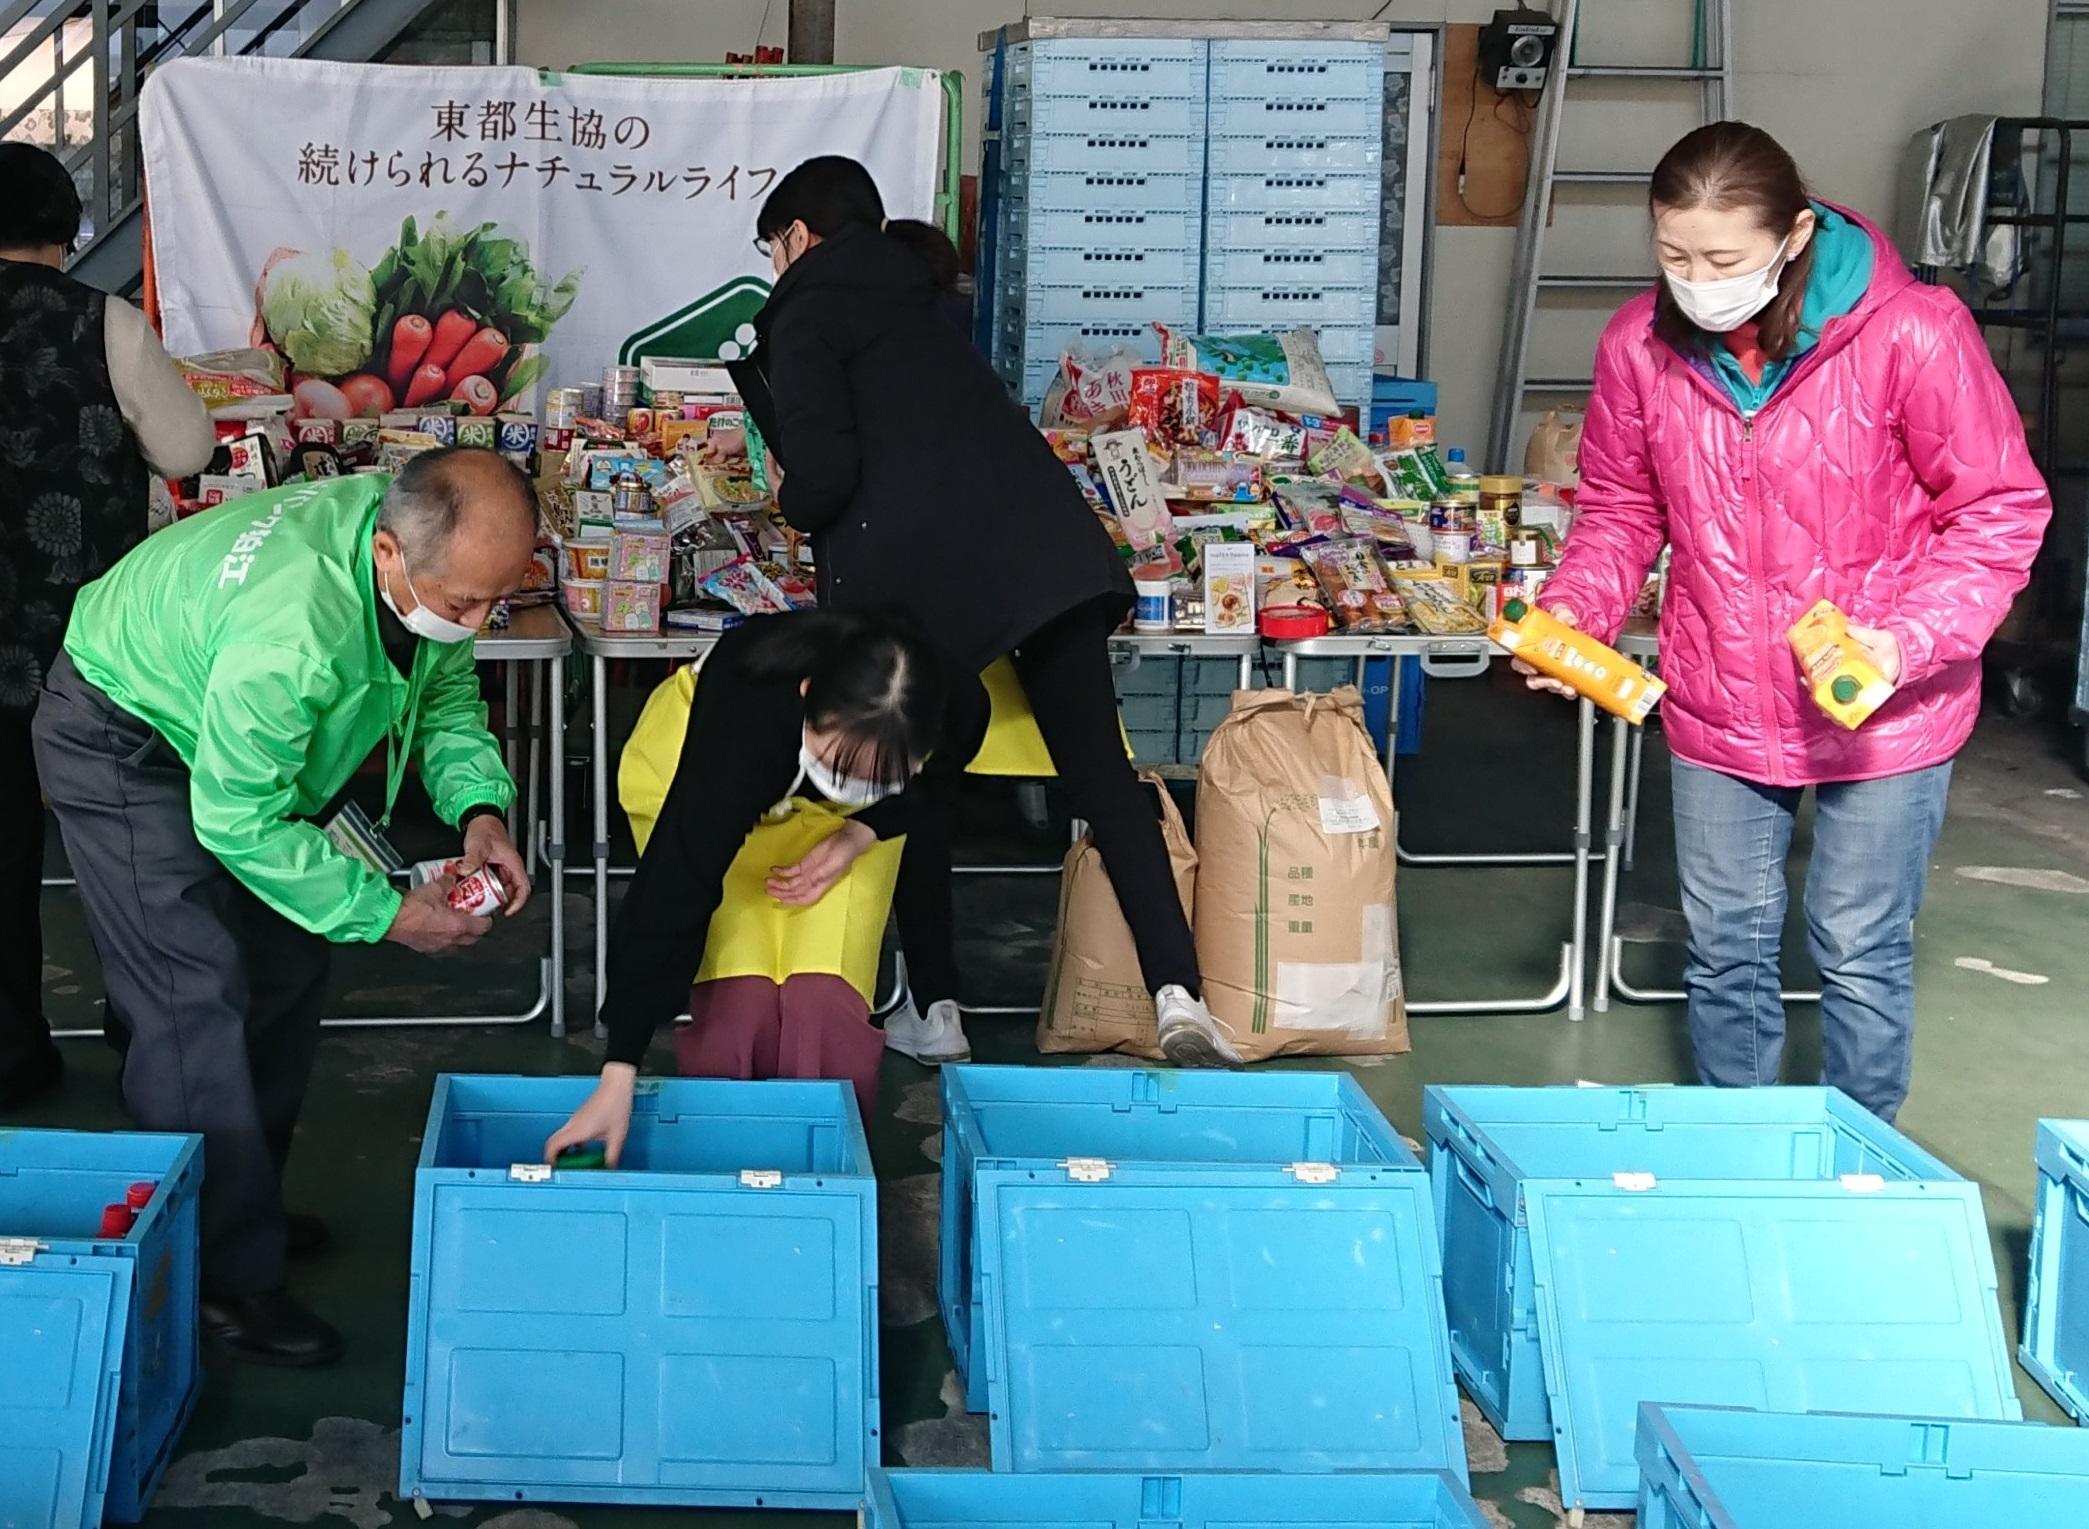 組合員から寄贈された食品の仕分け作業